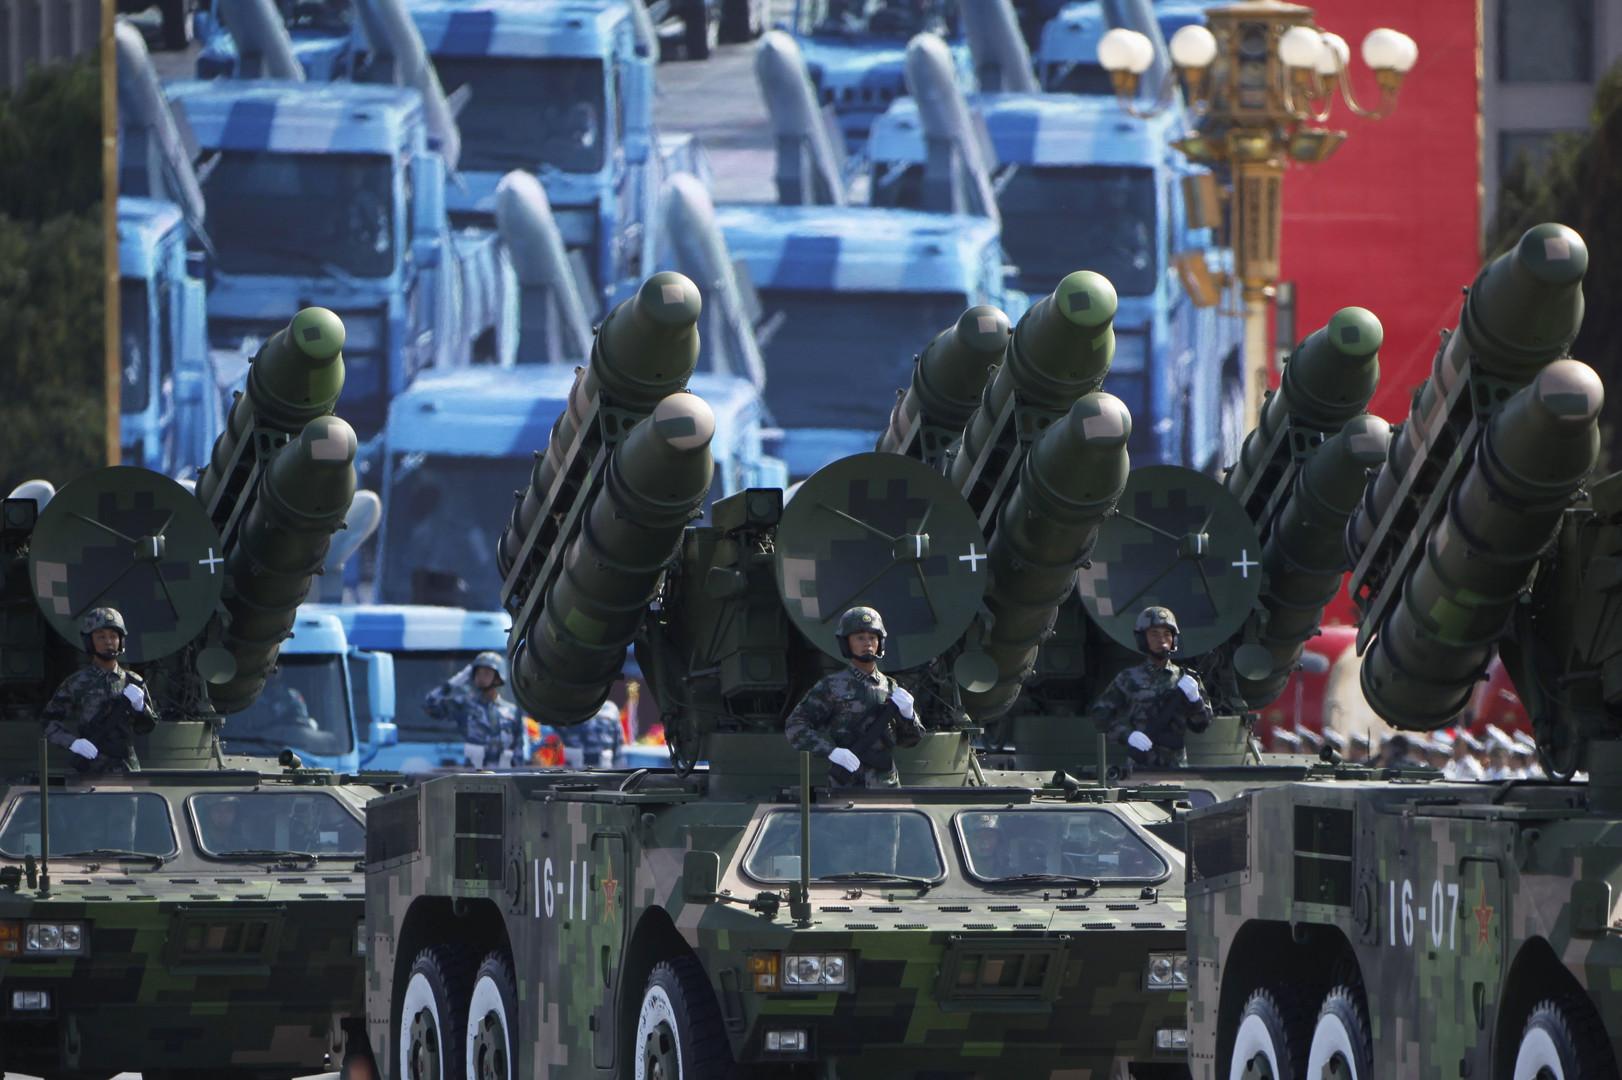 الصواريخ الصينية تنقل النزاع الإيراني السعودي إلى مستوى جديد